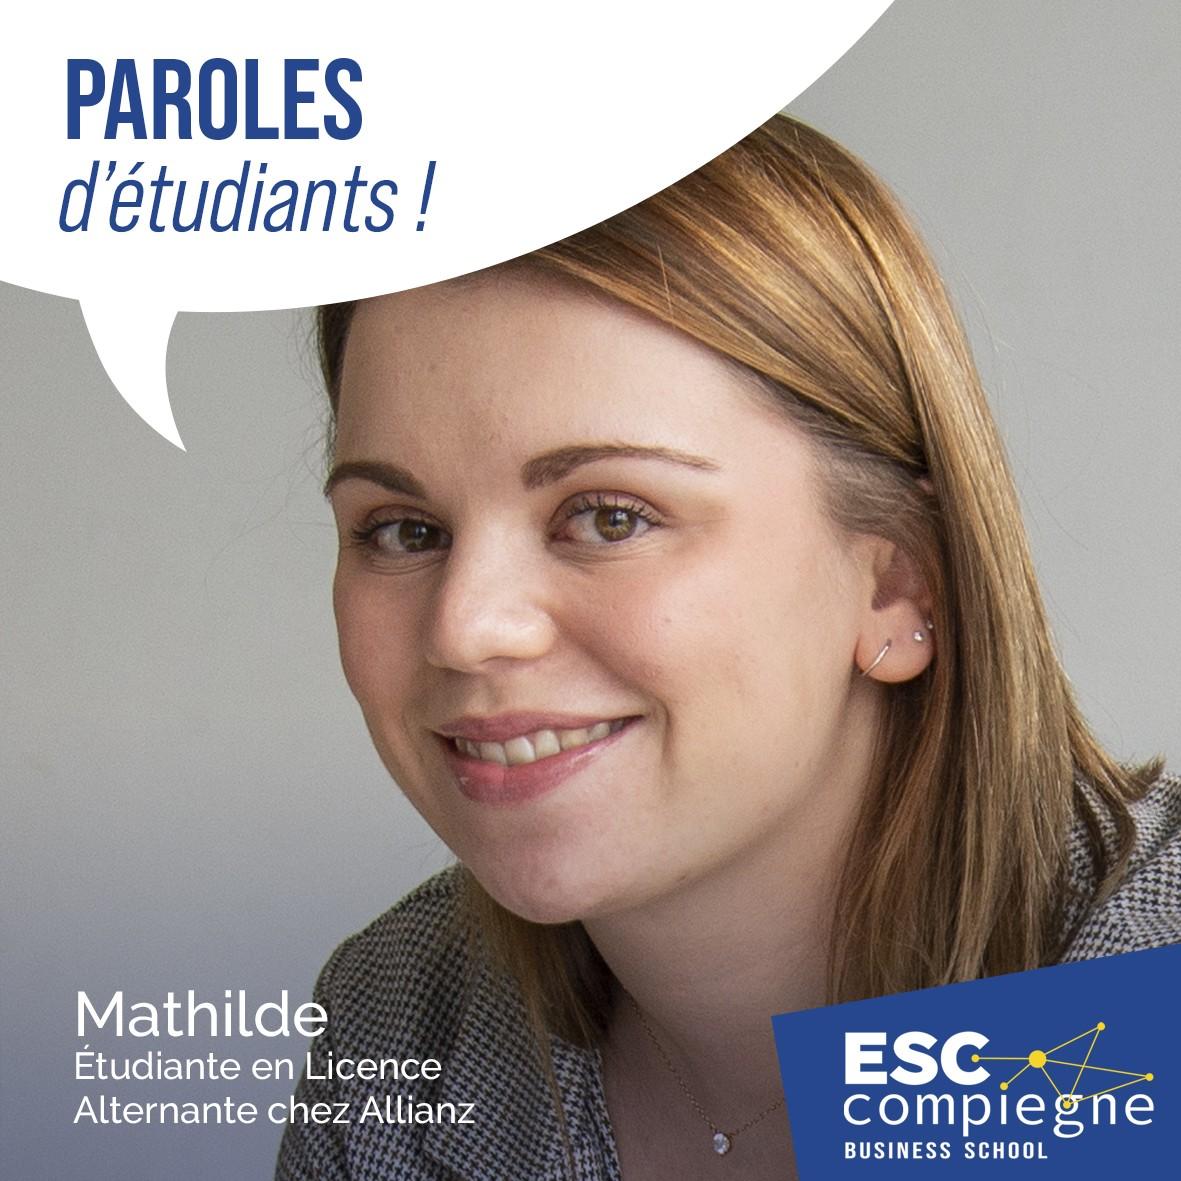 ESCC-Temoignage-Mathilde